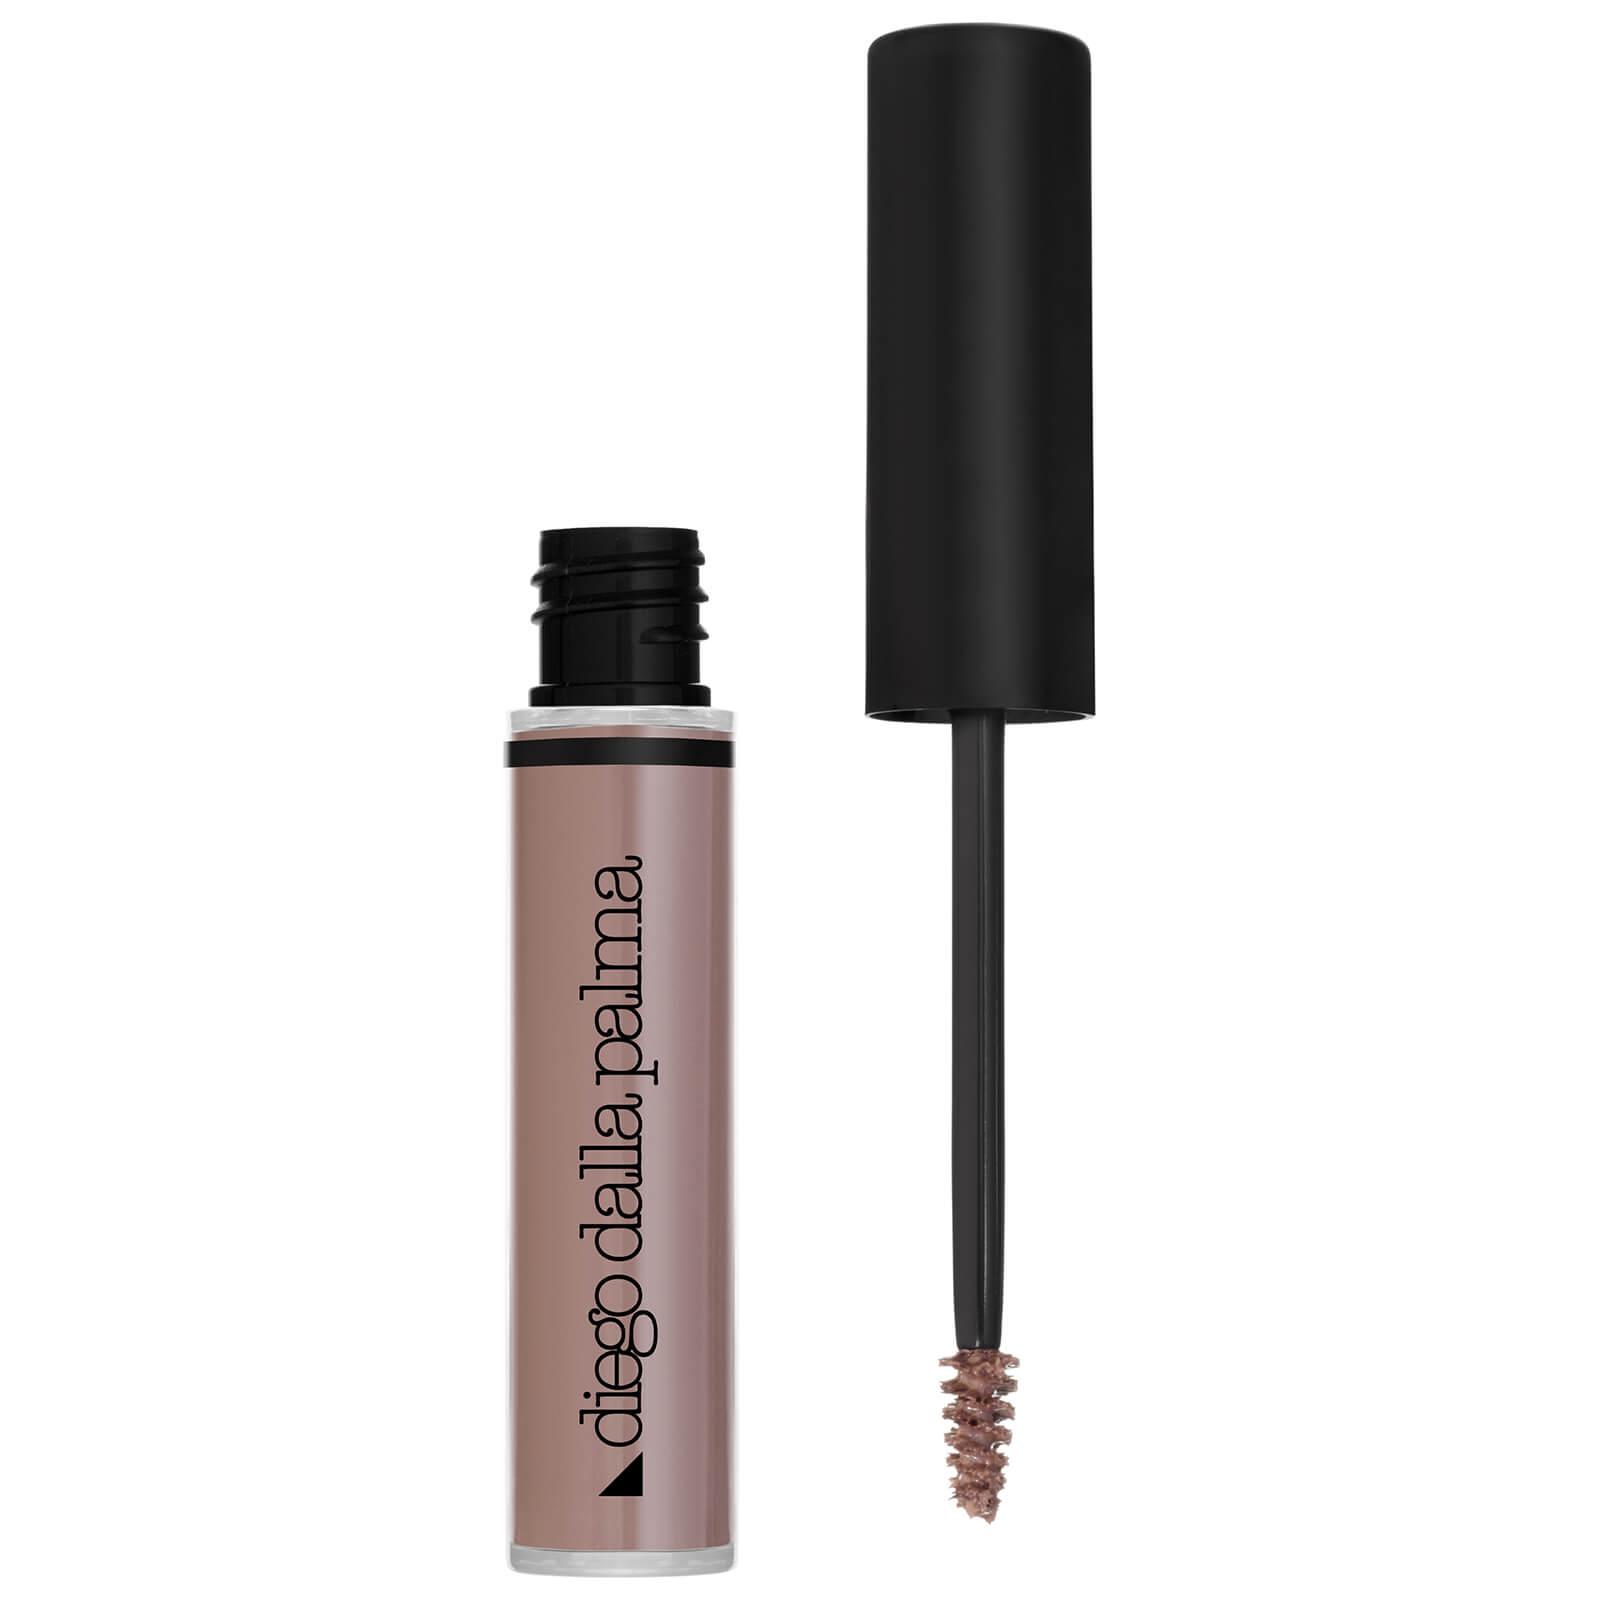 Купить Тушь для бровей diego dalla palma Volumizing Coloured Eyebrow Fixer with Fibres 4 мл (различные оттенки) - Medium